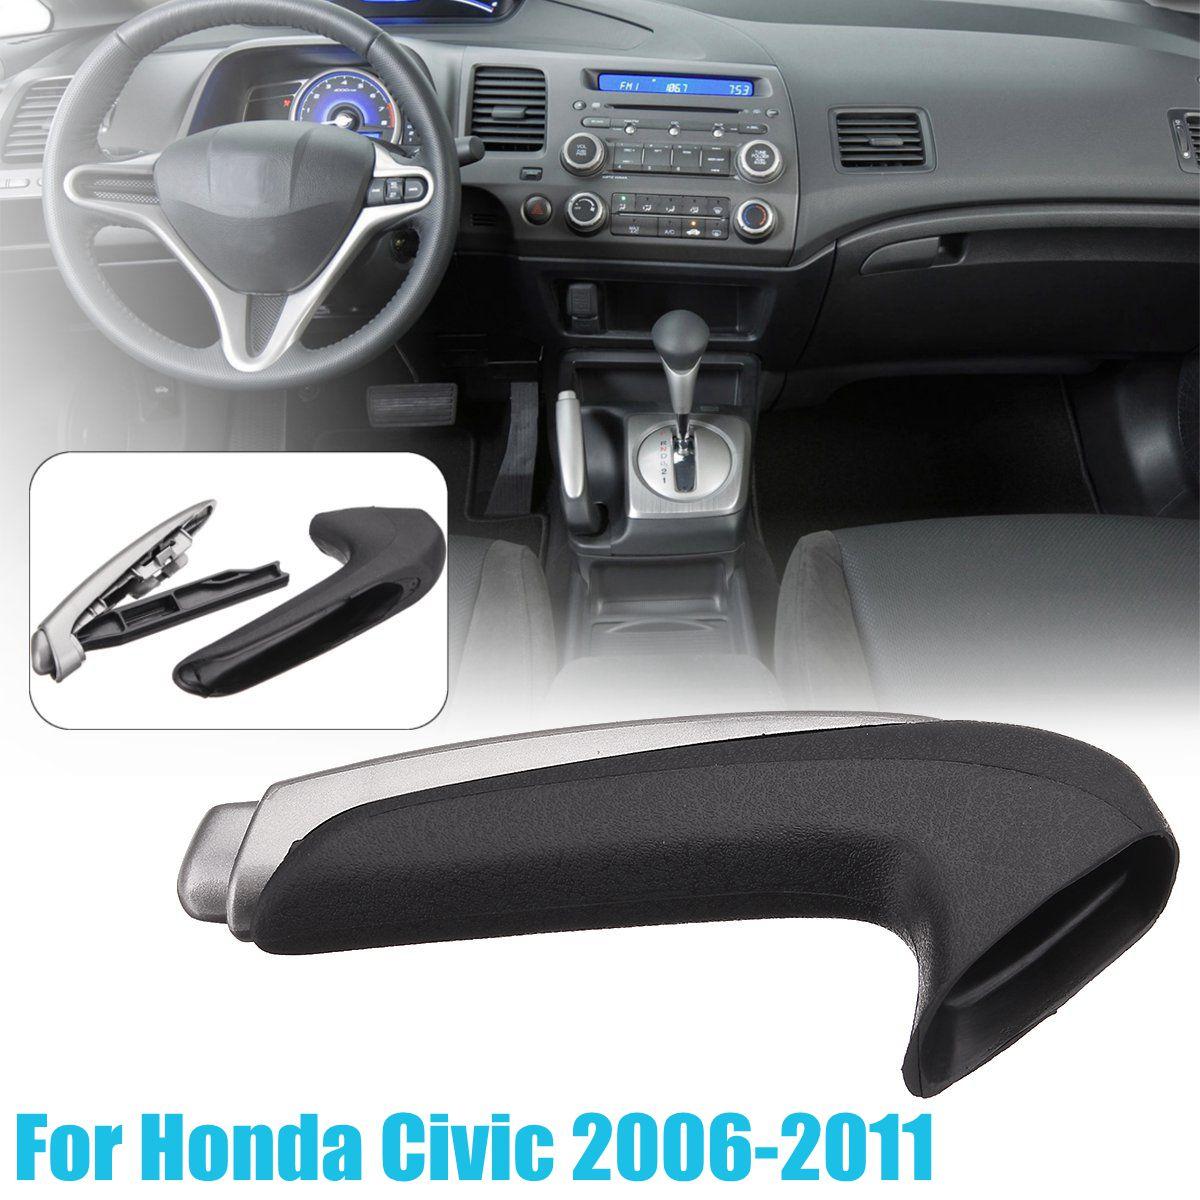 จับฉุกเฉินภายในรถที่จอดรถเบรคมือ Handle LEVER Grip สำหรับ Honda สำหรับ Civic 2006-2011